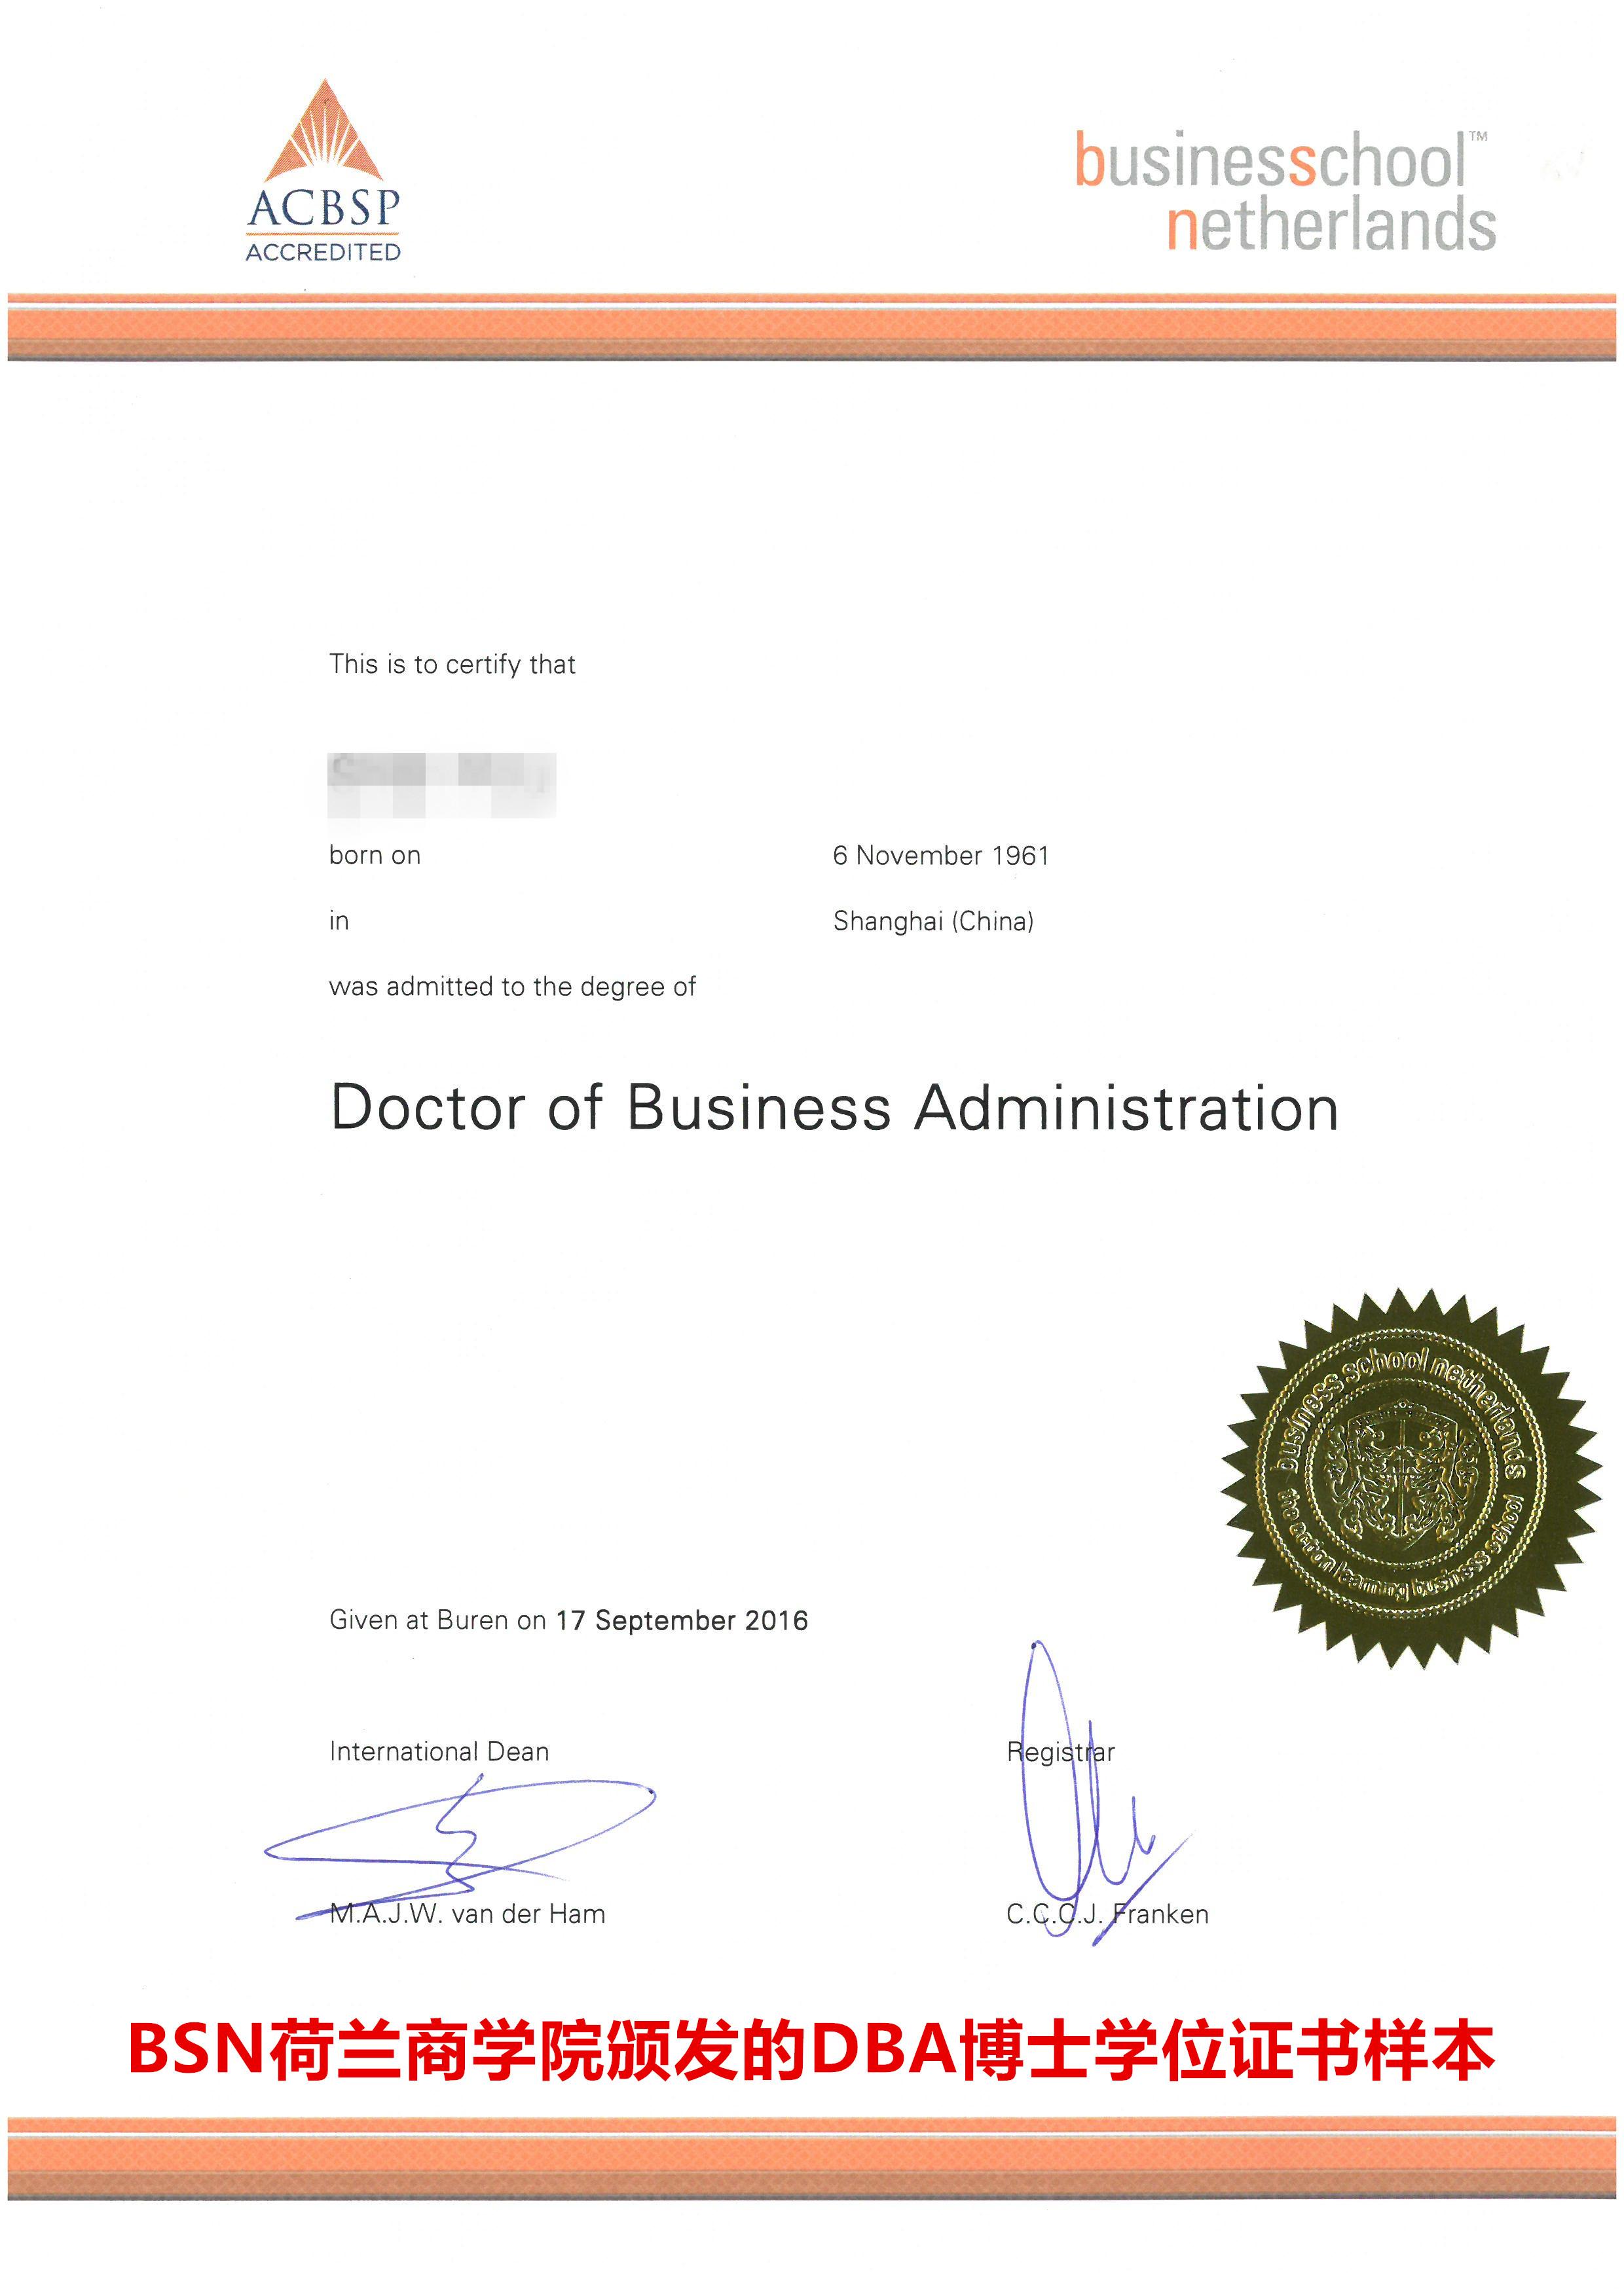 荷兰商学院DBA学位证